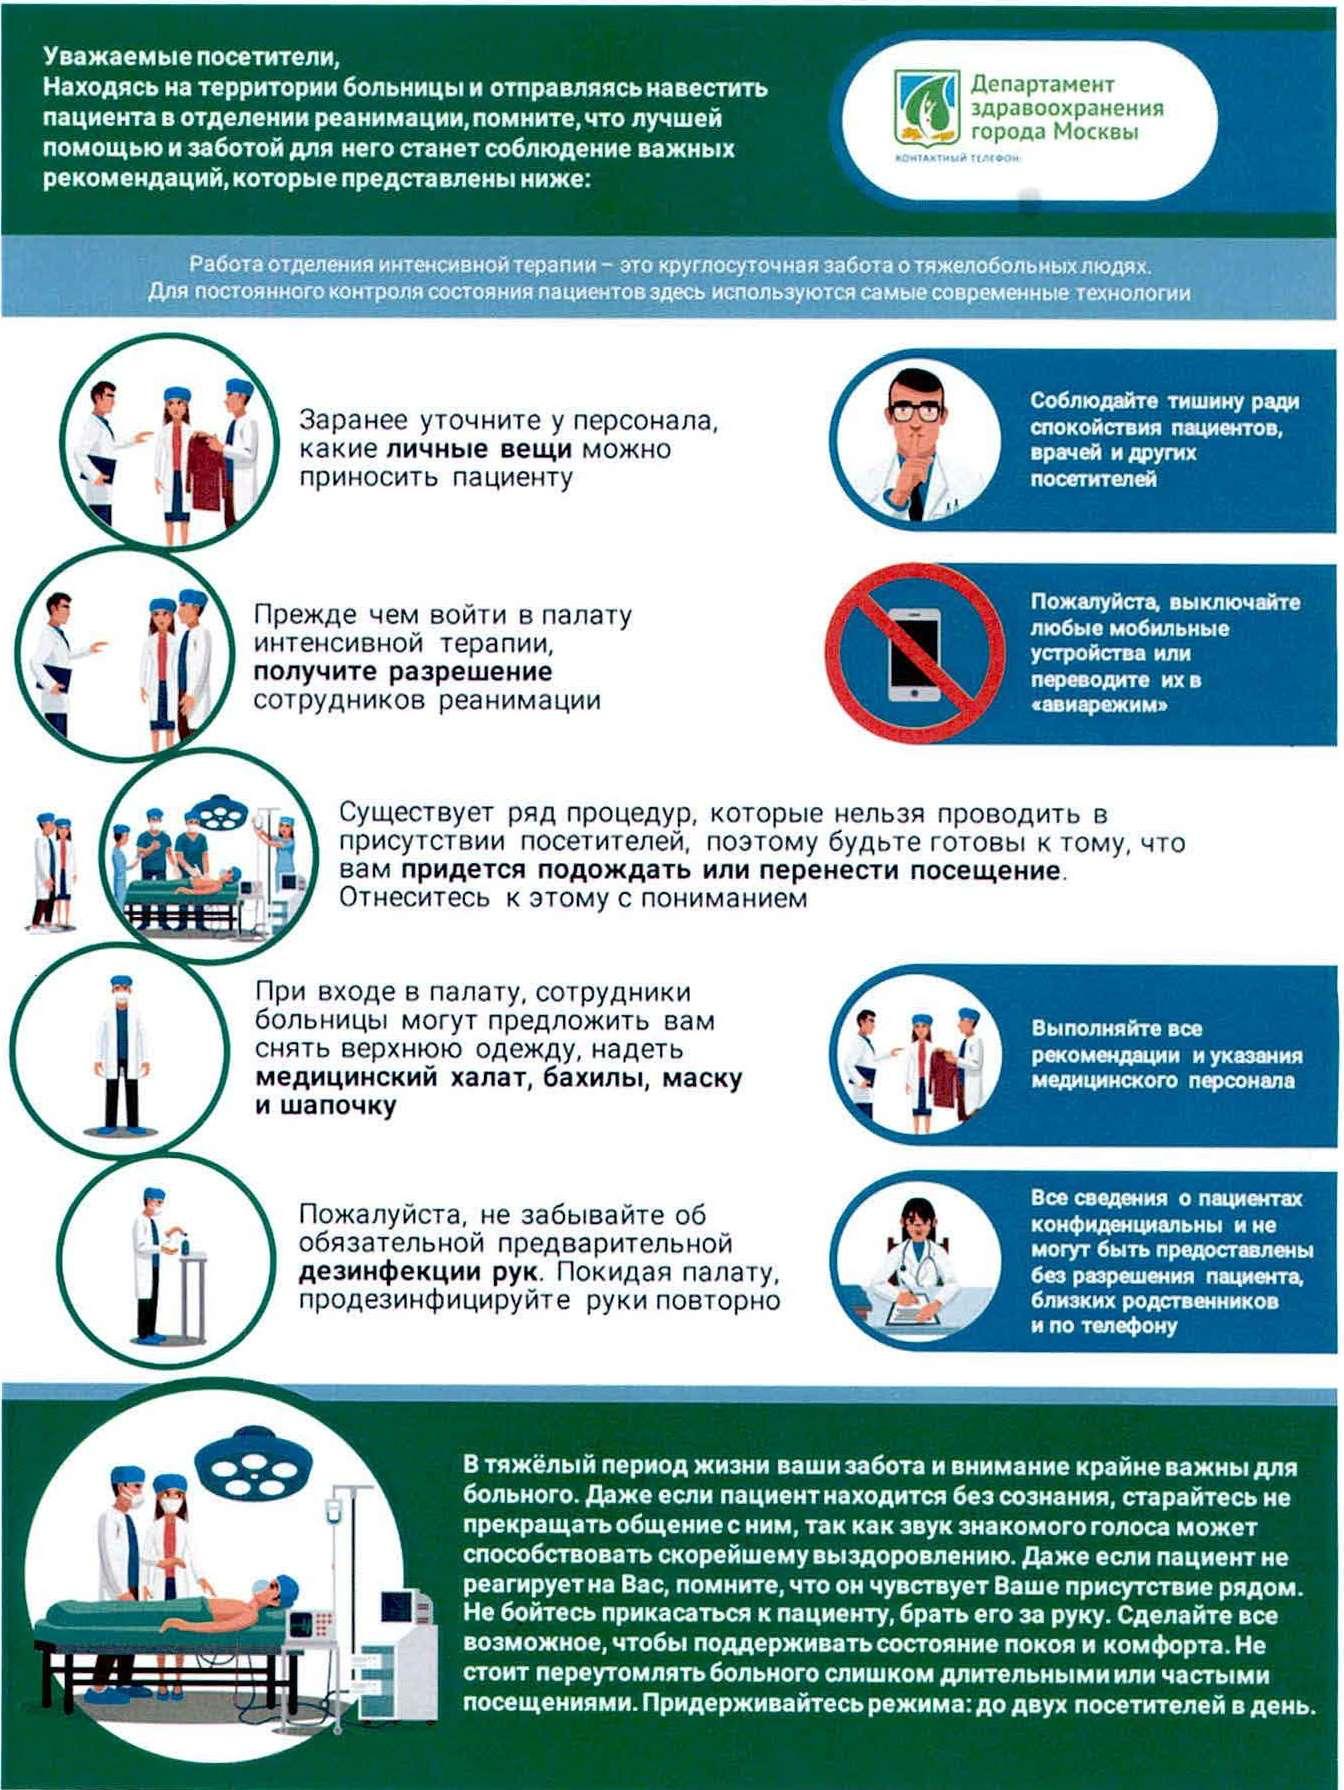 Памятка Департамента здравоохранения города Москвы. В ней говорится, что при посещении пациентов в реанимации и интенсивной терапии необходимо снимать верхнюю одежду, а также выполнять требования медработников